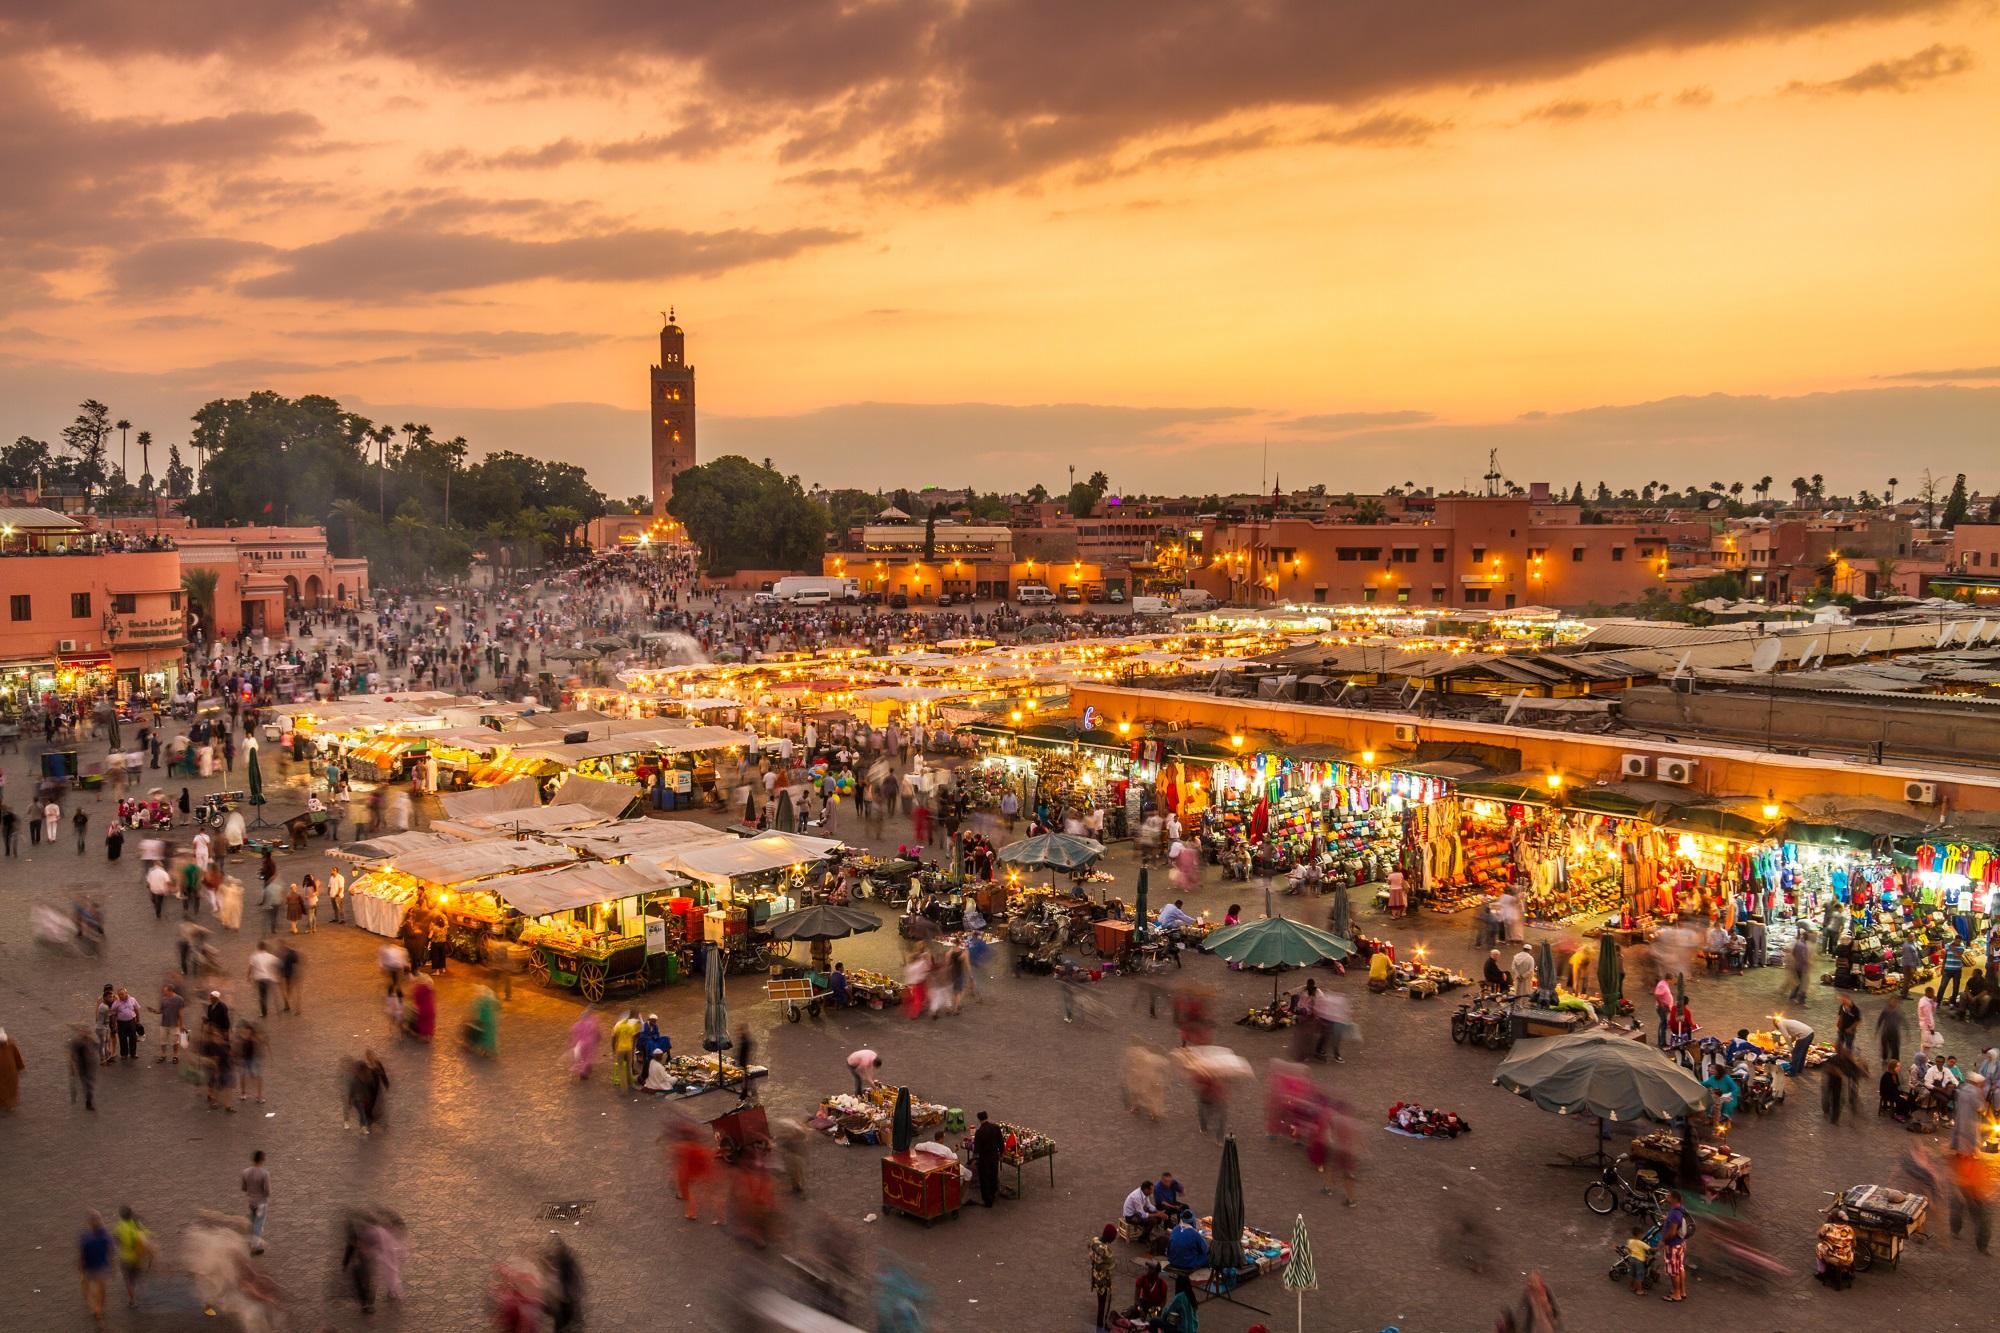 Golfreizen Marrakech